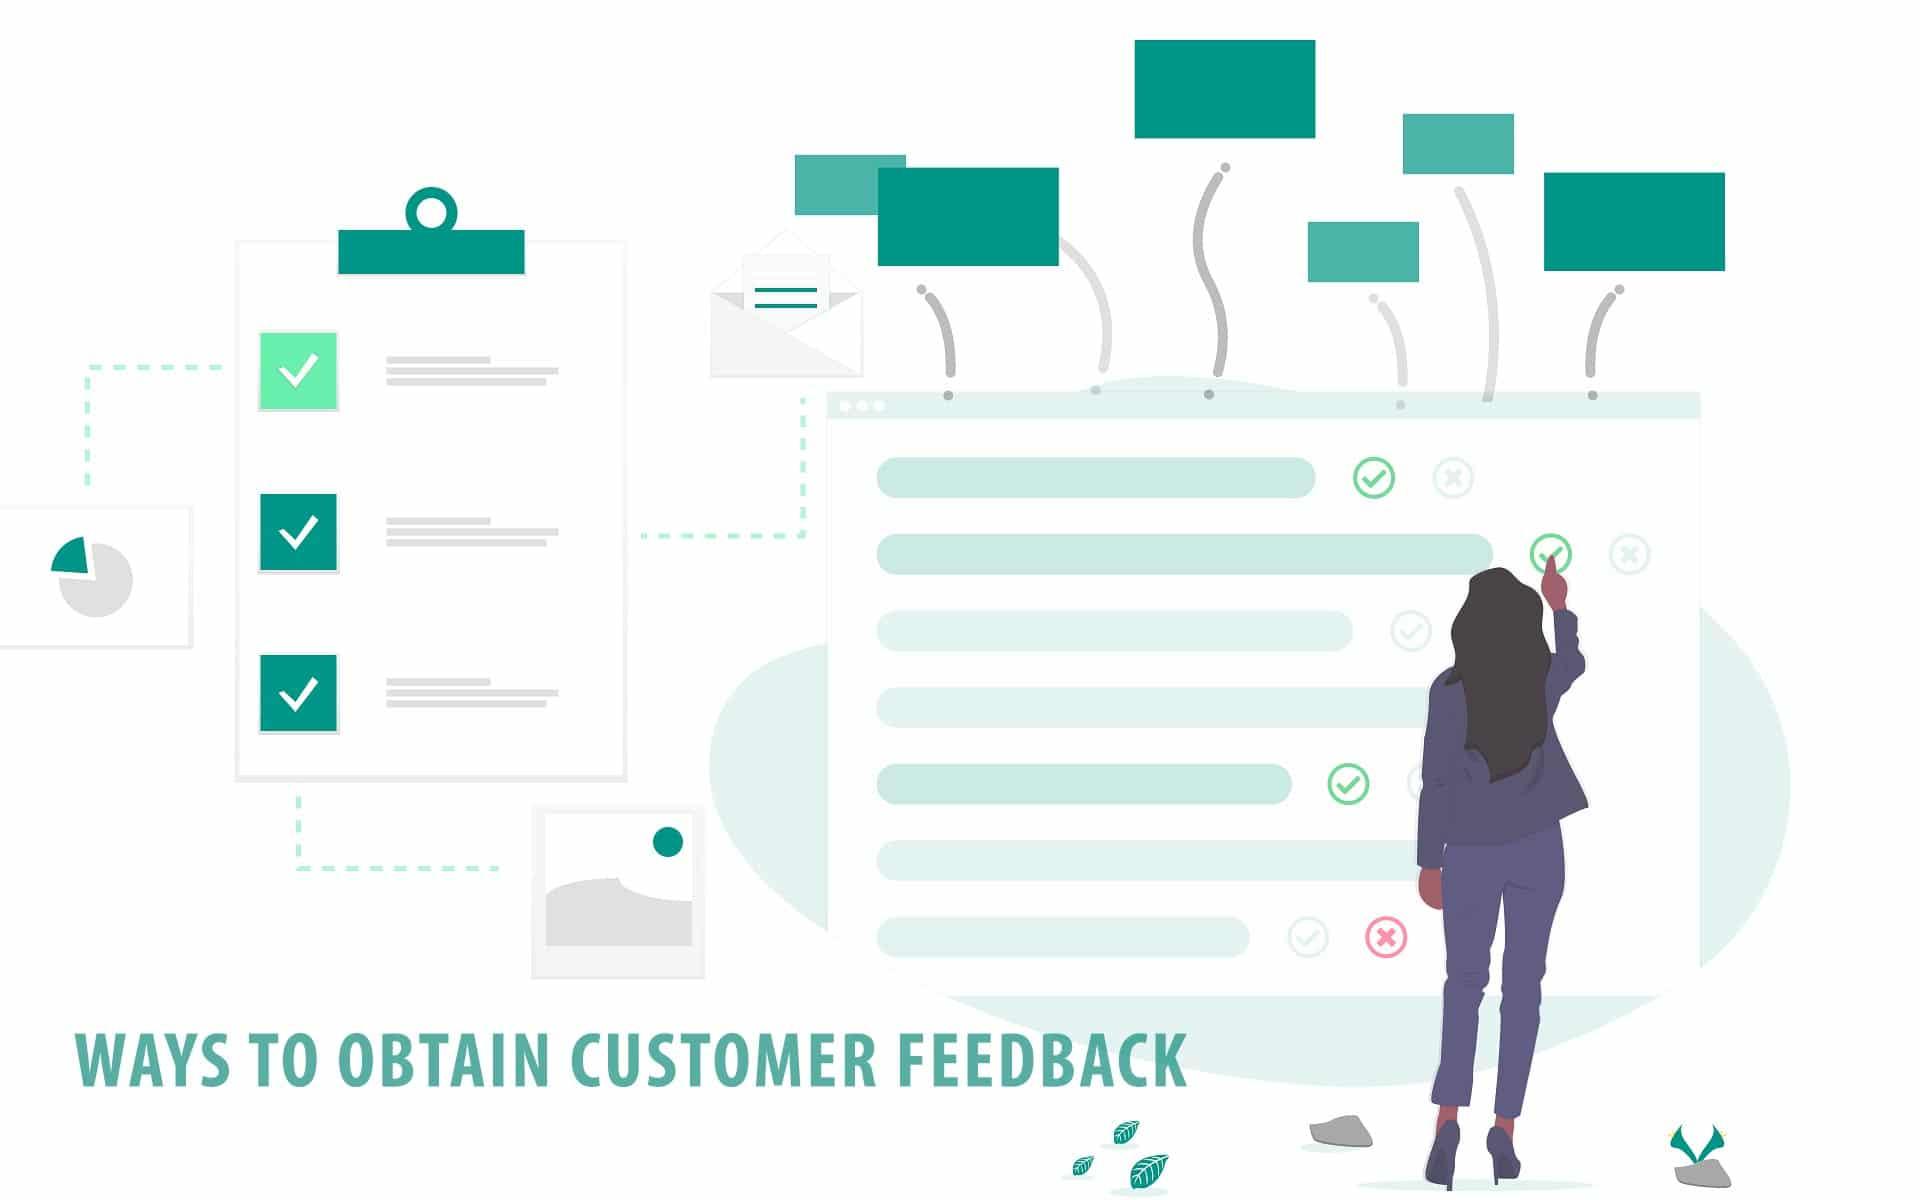 Ways to Obtain Customer Feedback